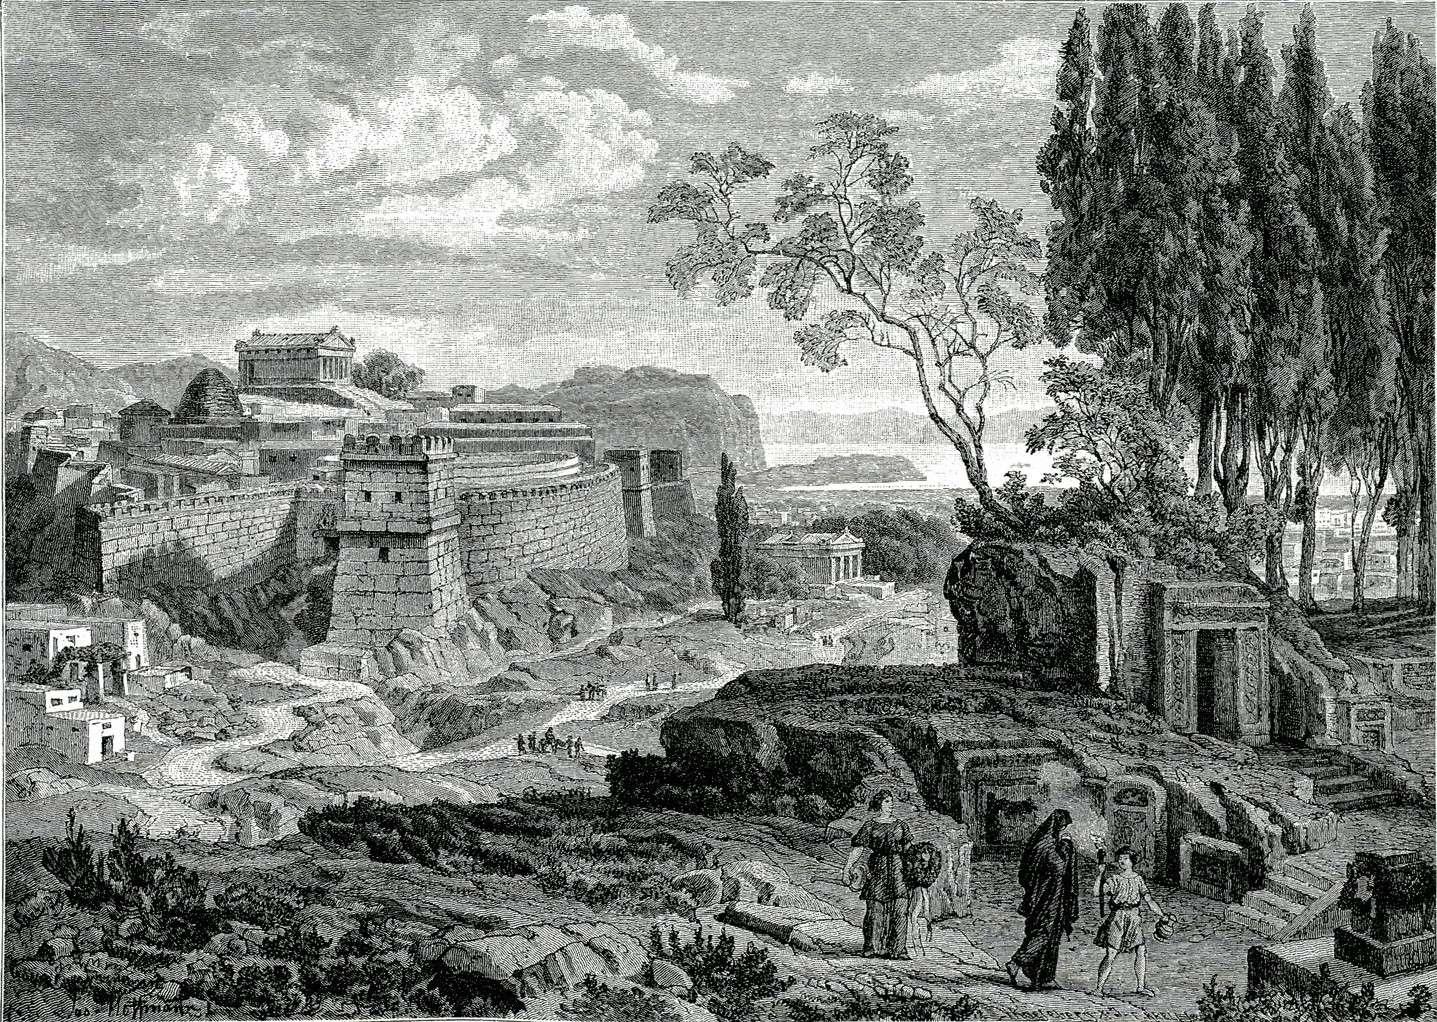 Αναπαράσταση των Μυκηνών κατά την αρχαιότητα, 19ος αιώνας